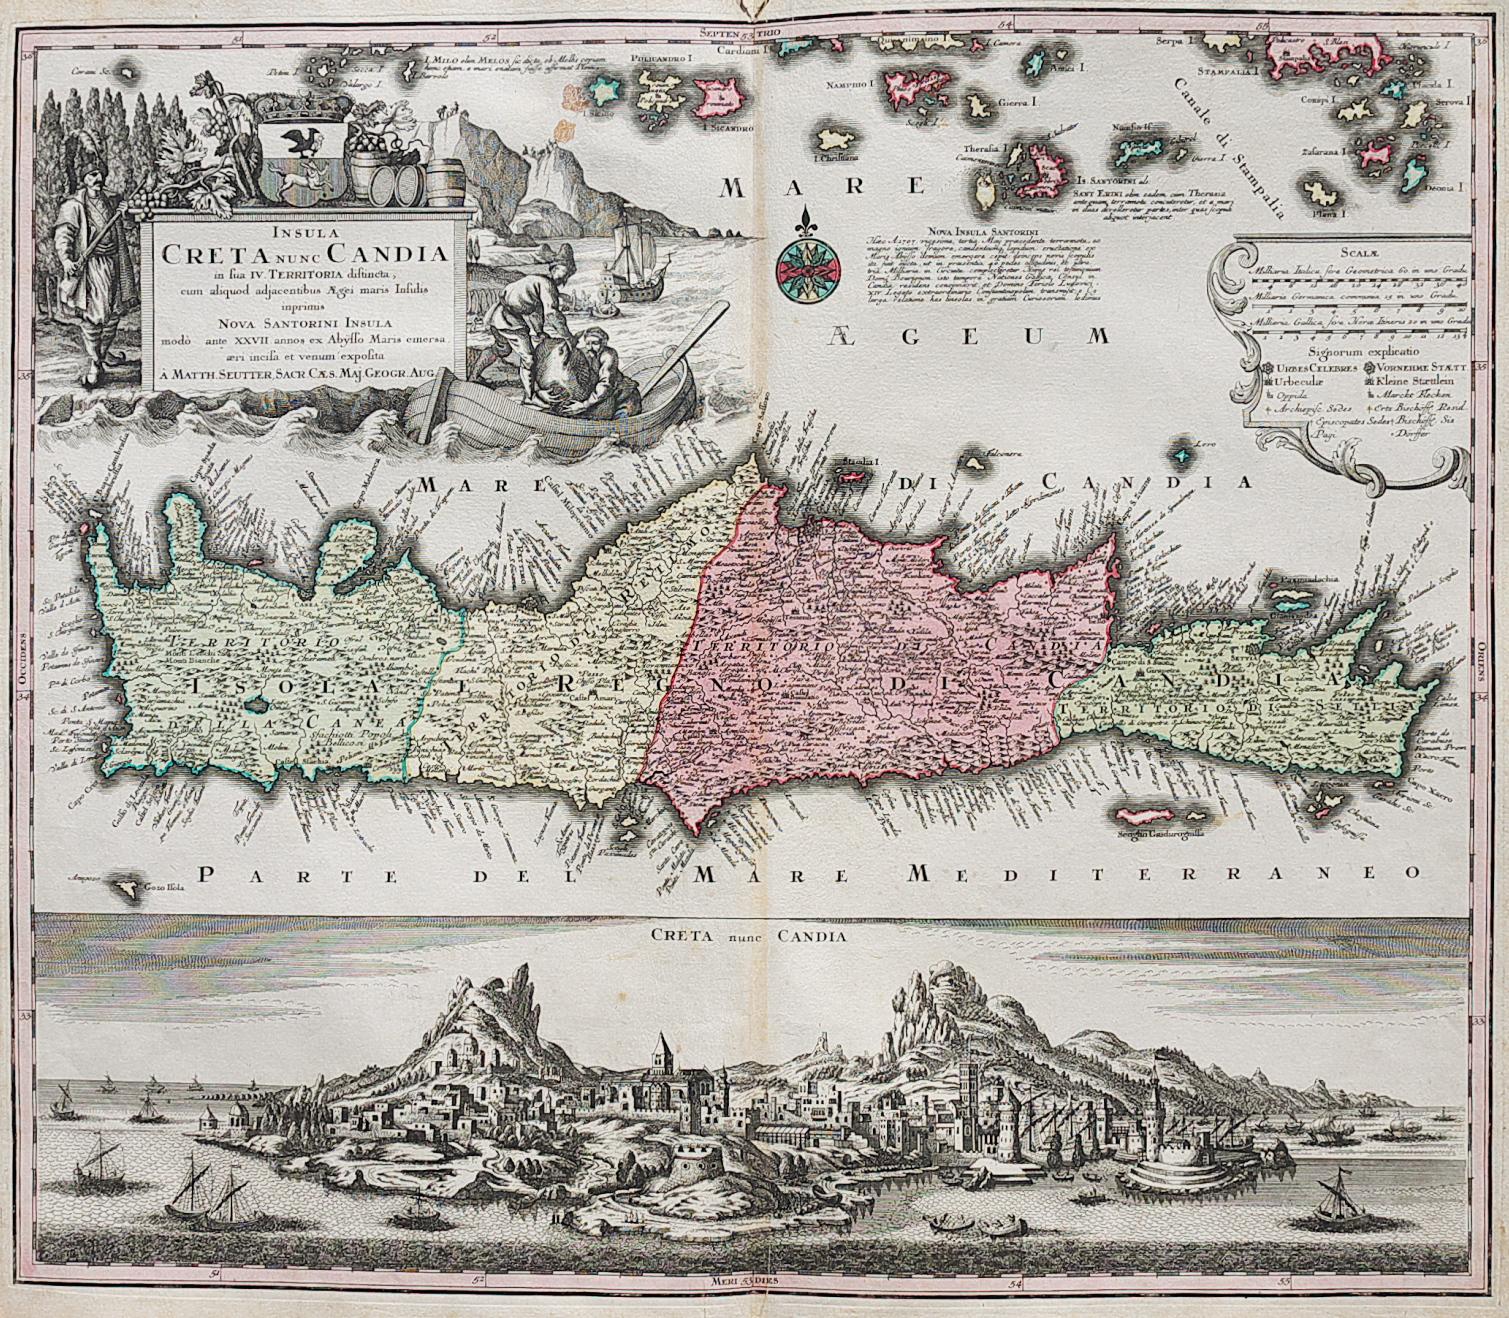 Le guerre turco veneziane del XVII-XVIII secolo - parte I - di Gianluca Bertozzi